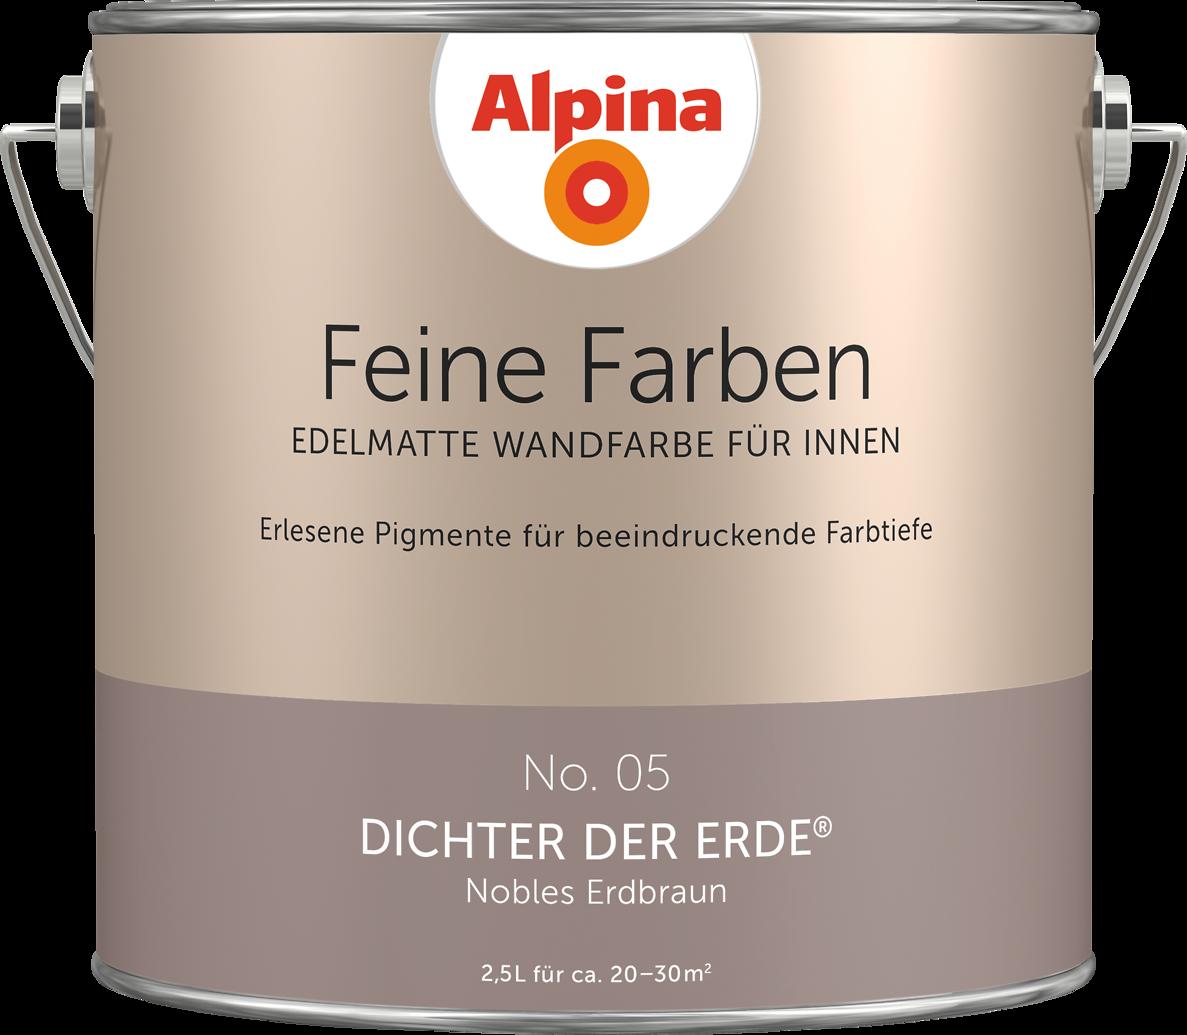 Alpina Feine Farben Edelmatte Wandfarben In Braun Alpina Farben